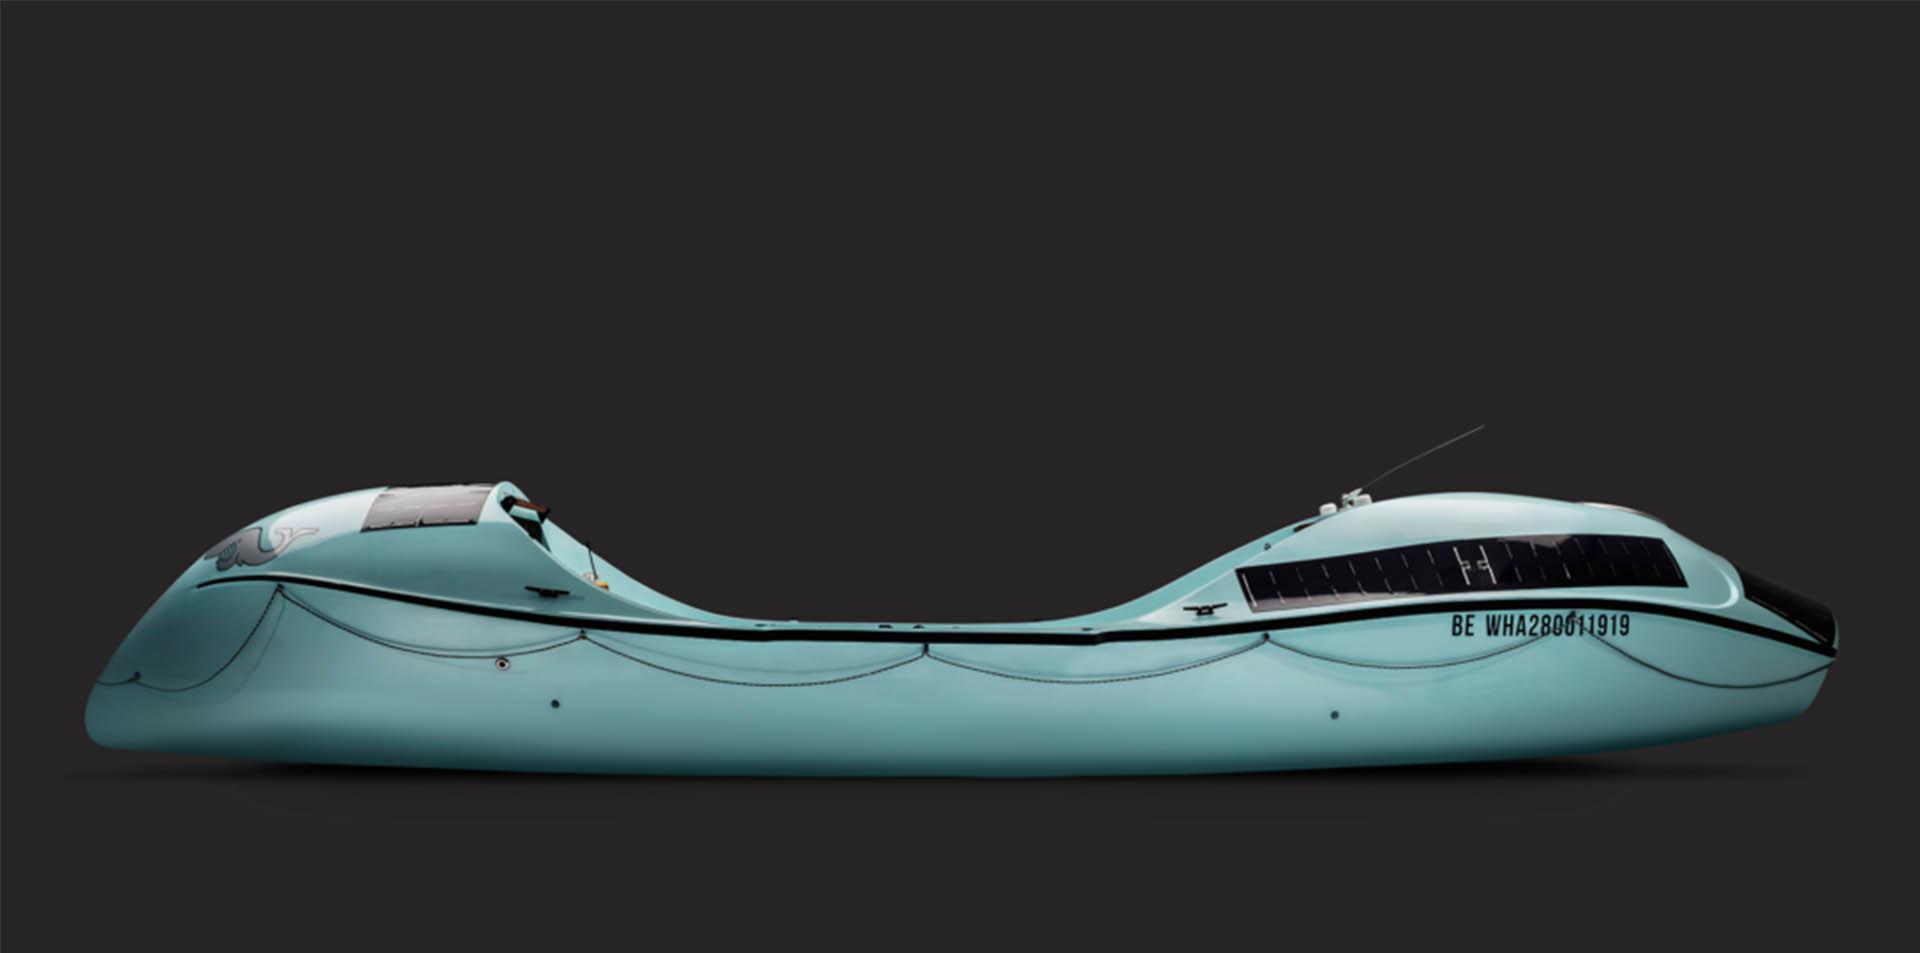 Whaleboat 028